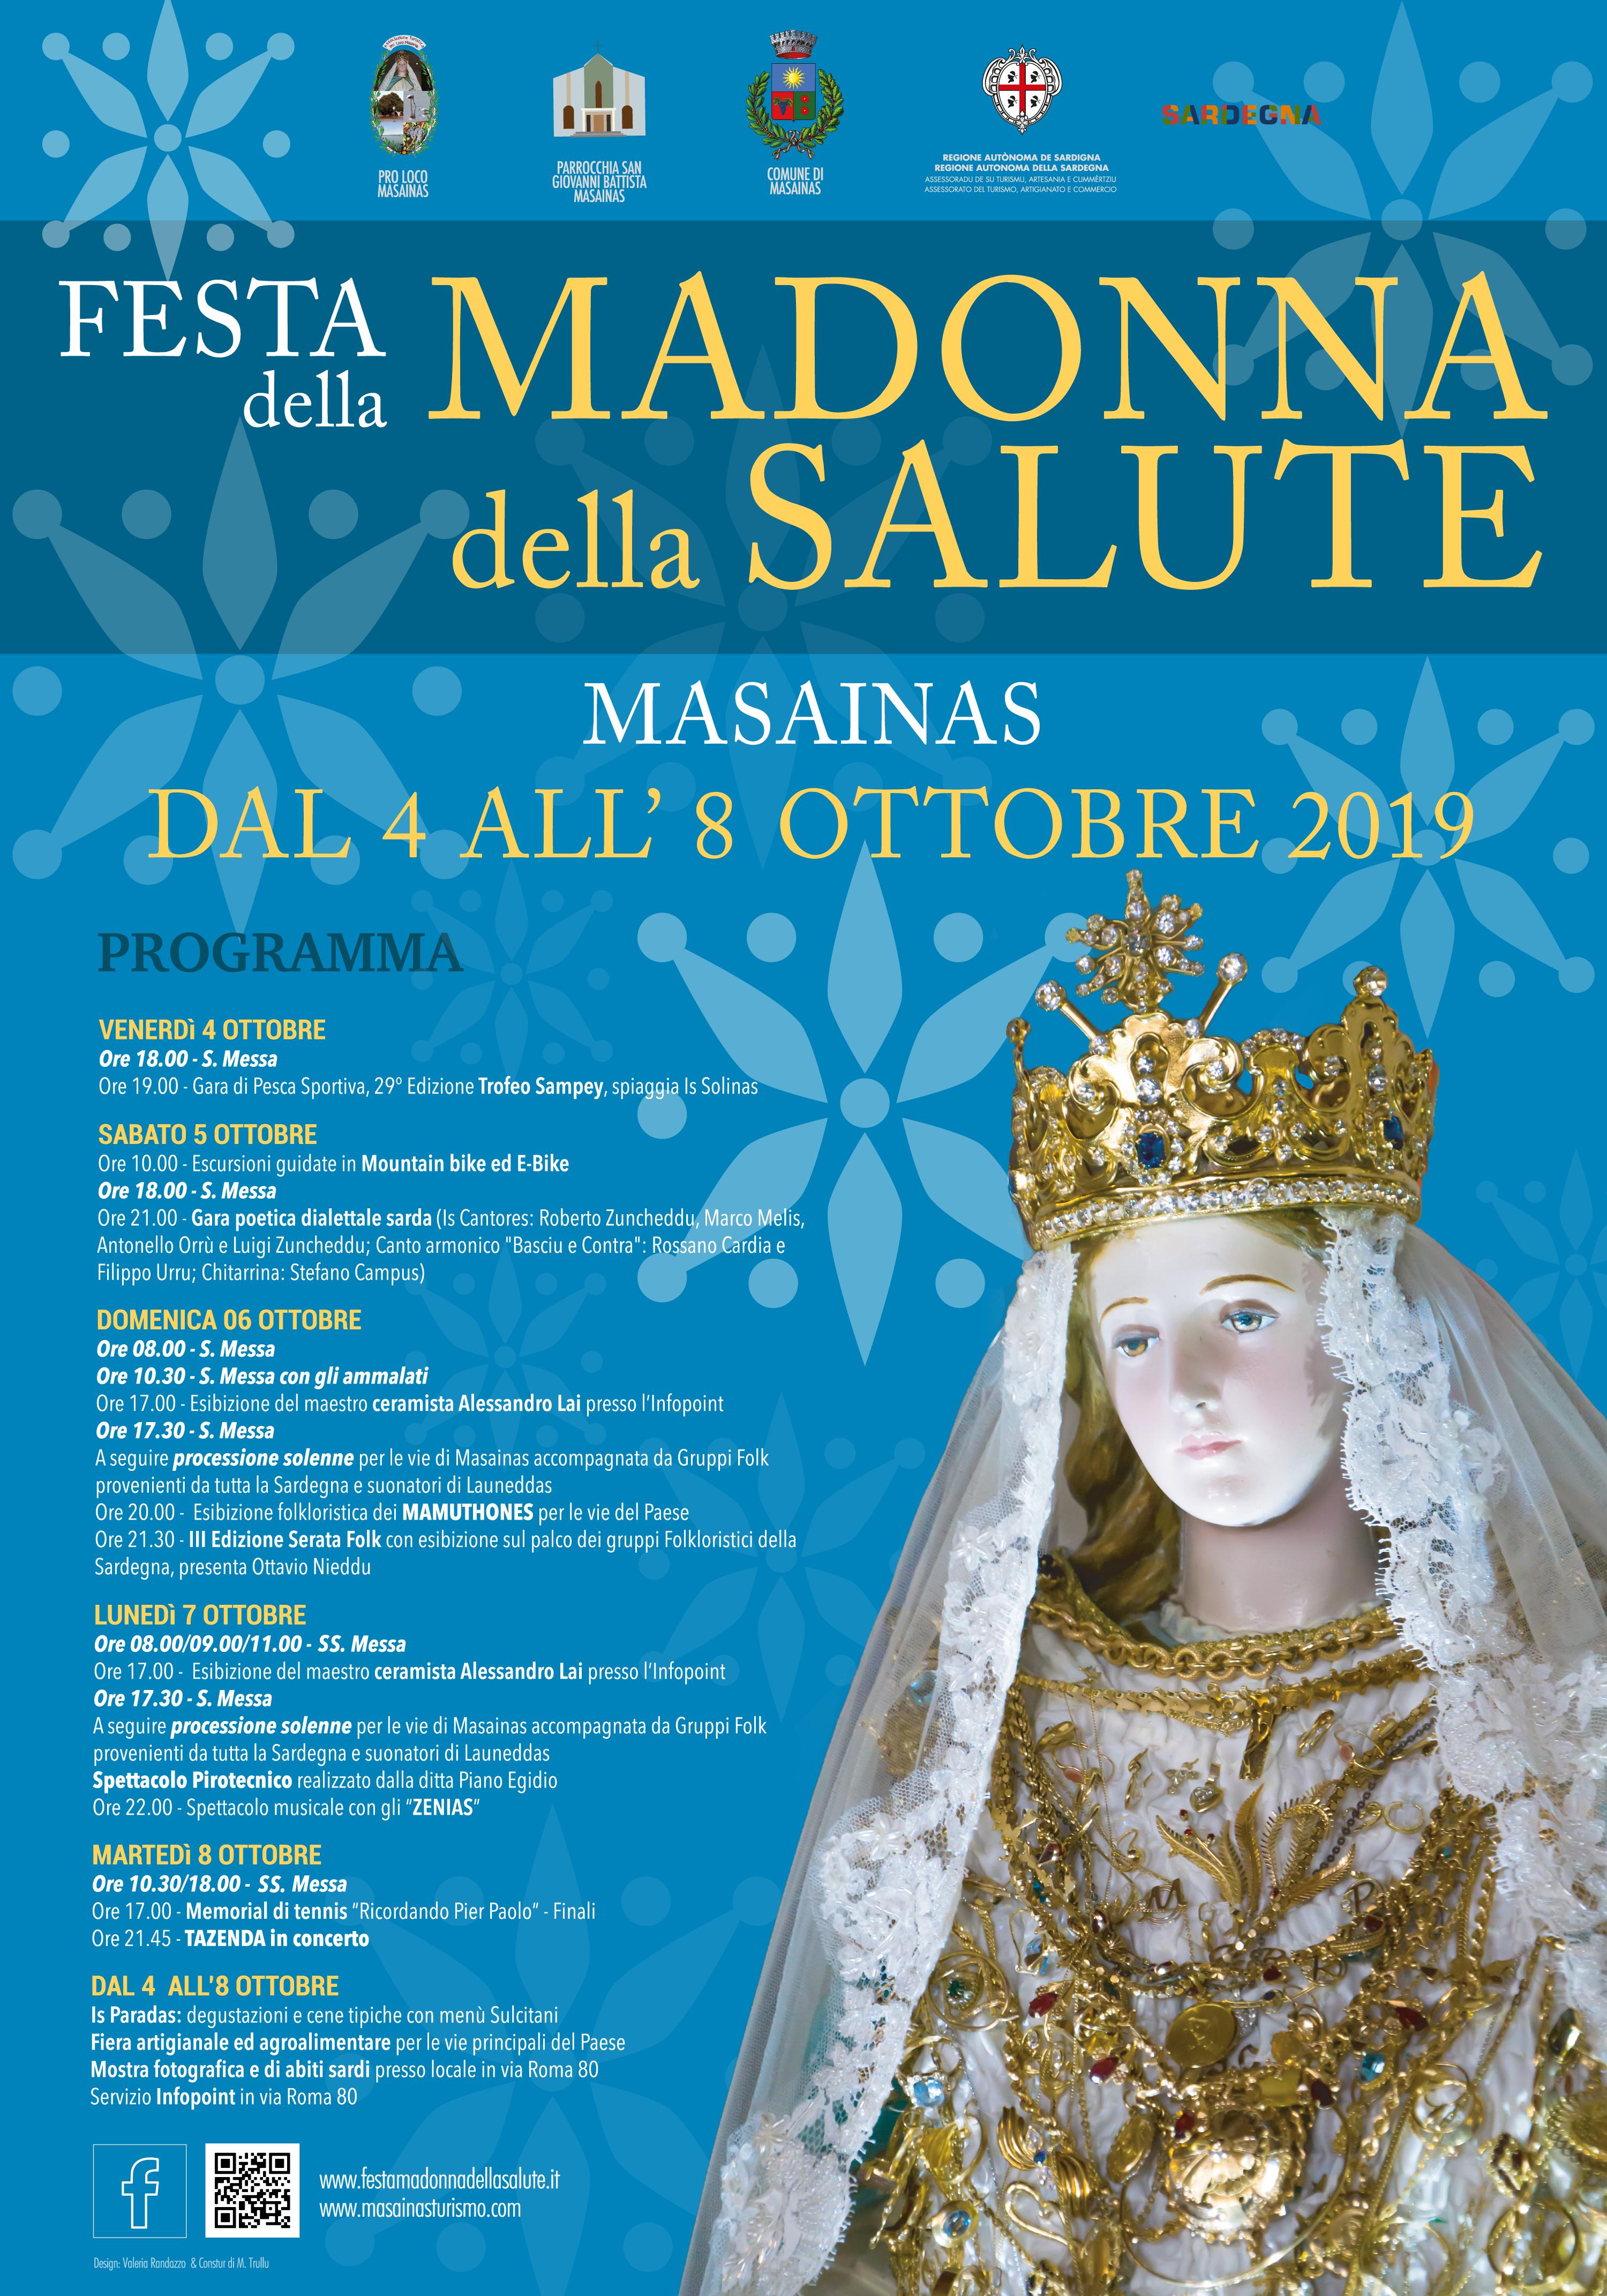 Programma Festa Madonna della Salute 2019